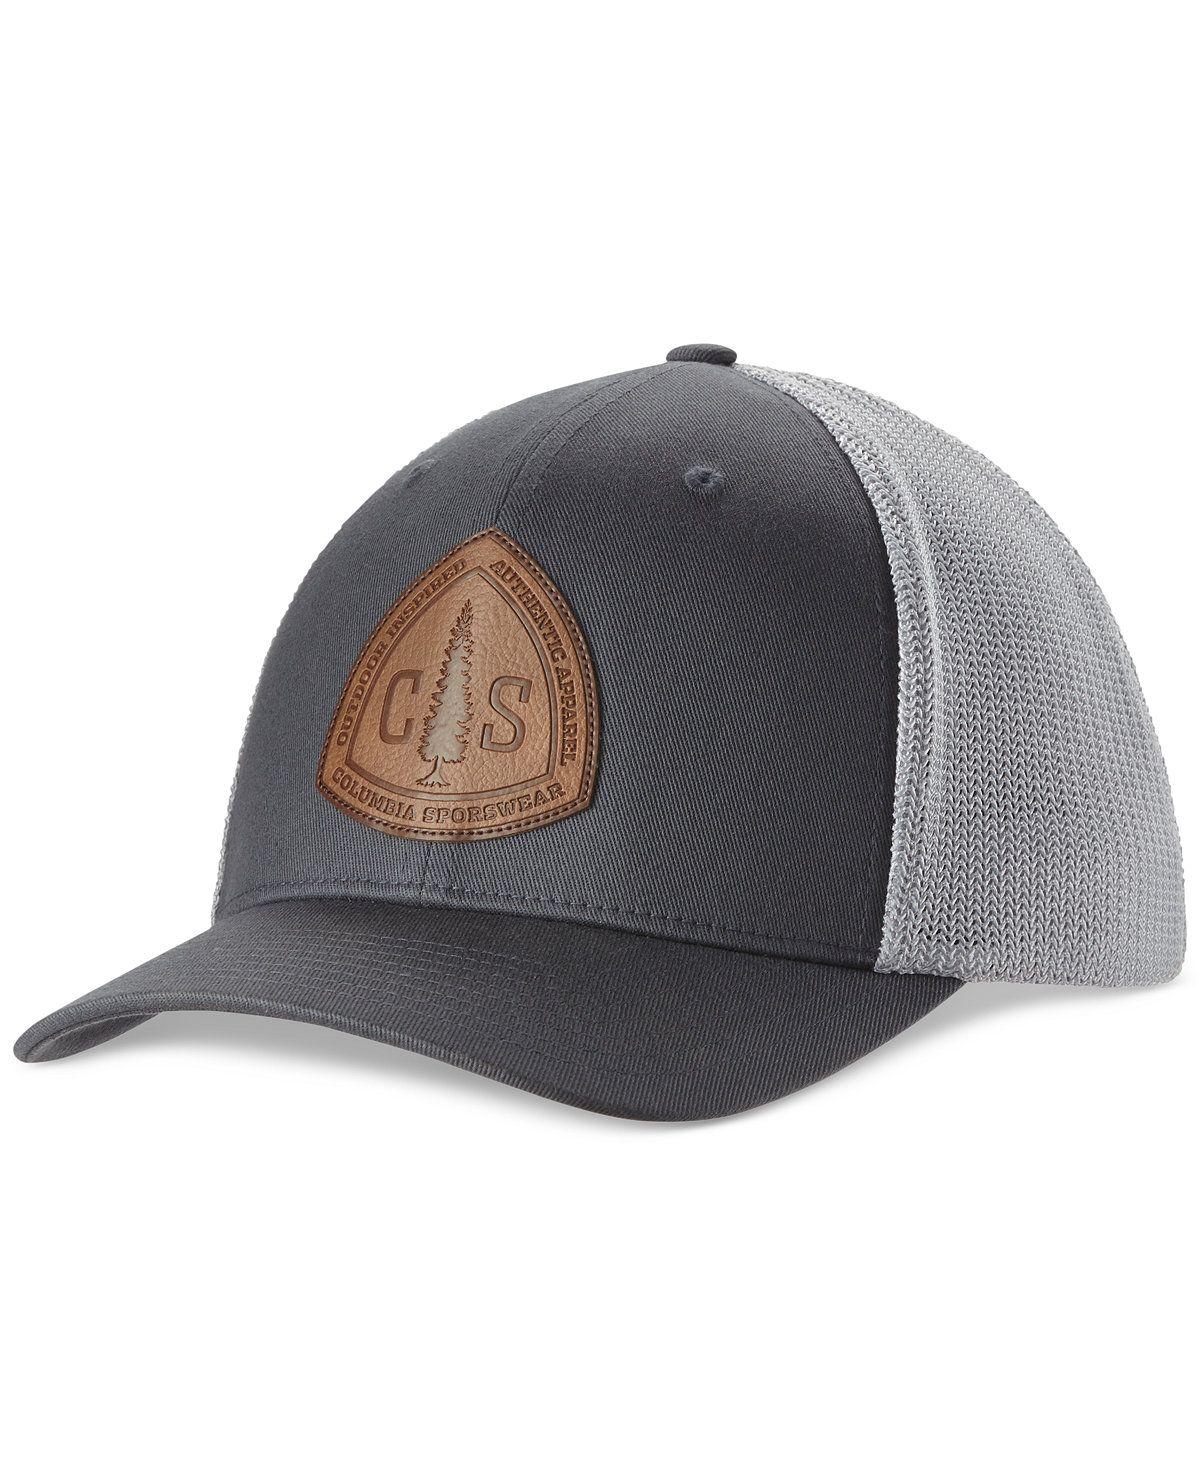 d5e16127ba625 Columbia Men s Casual Hat